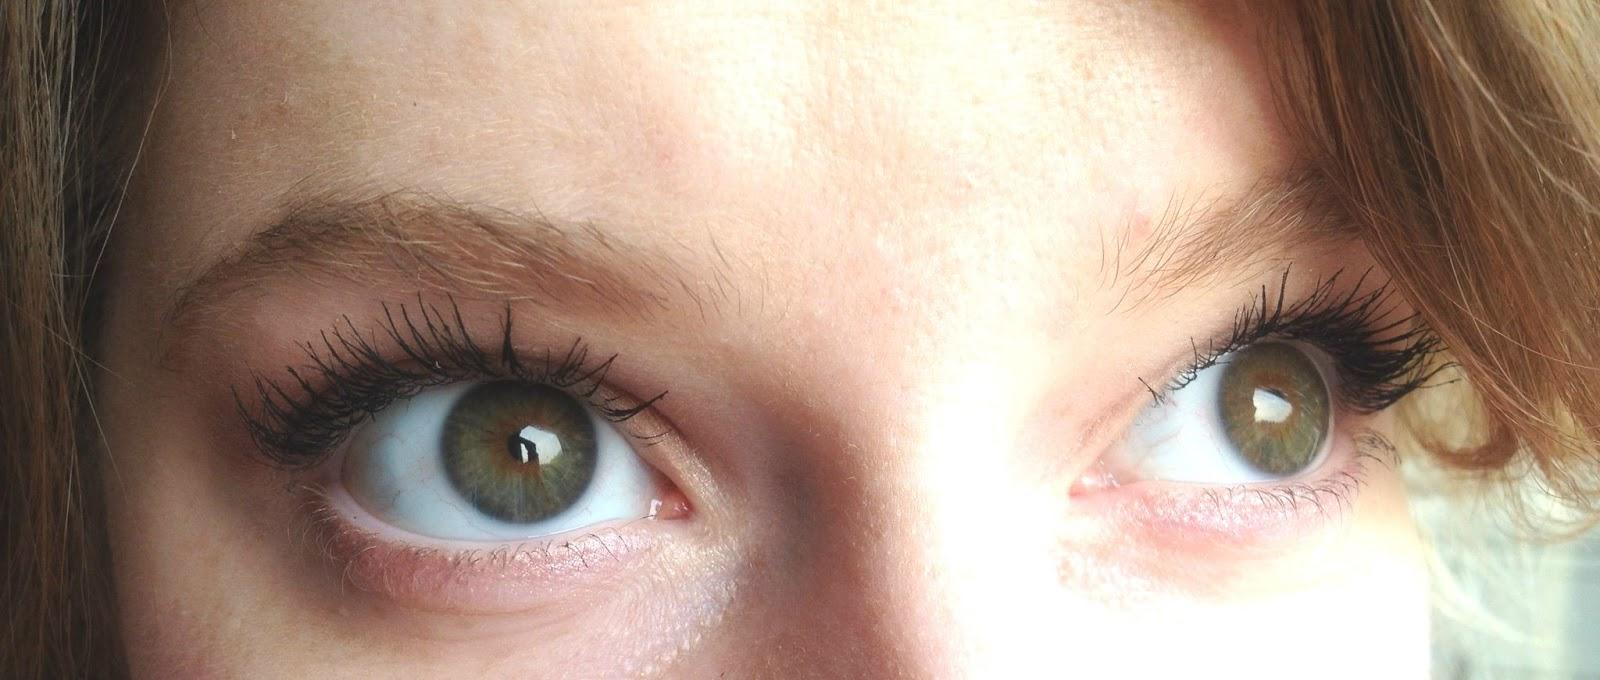 Mascara wands near me